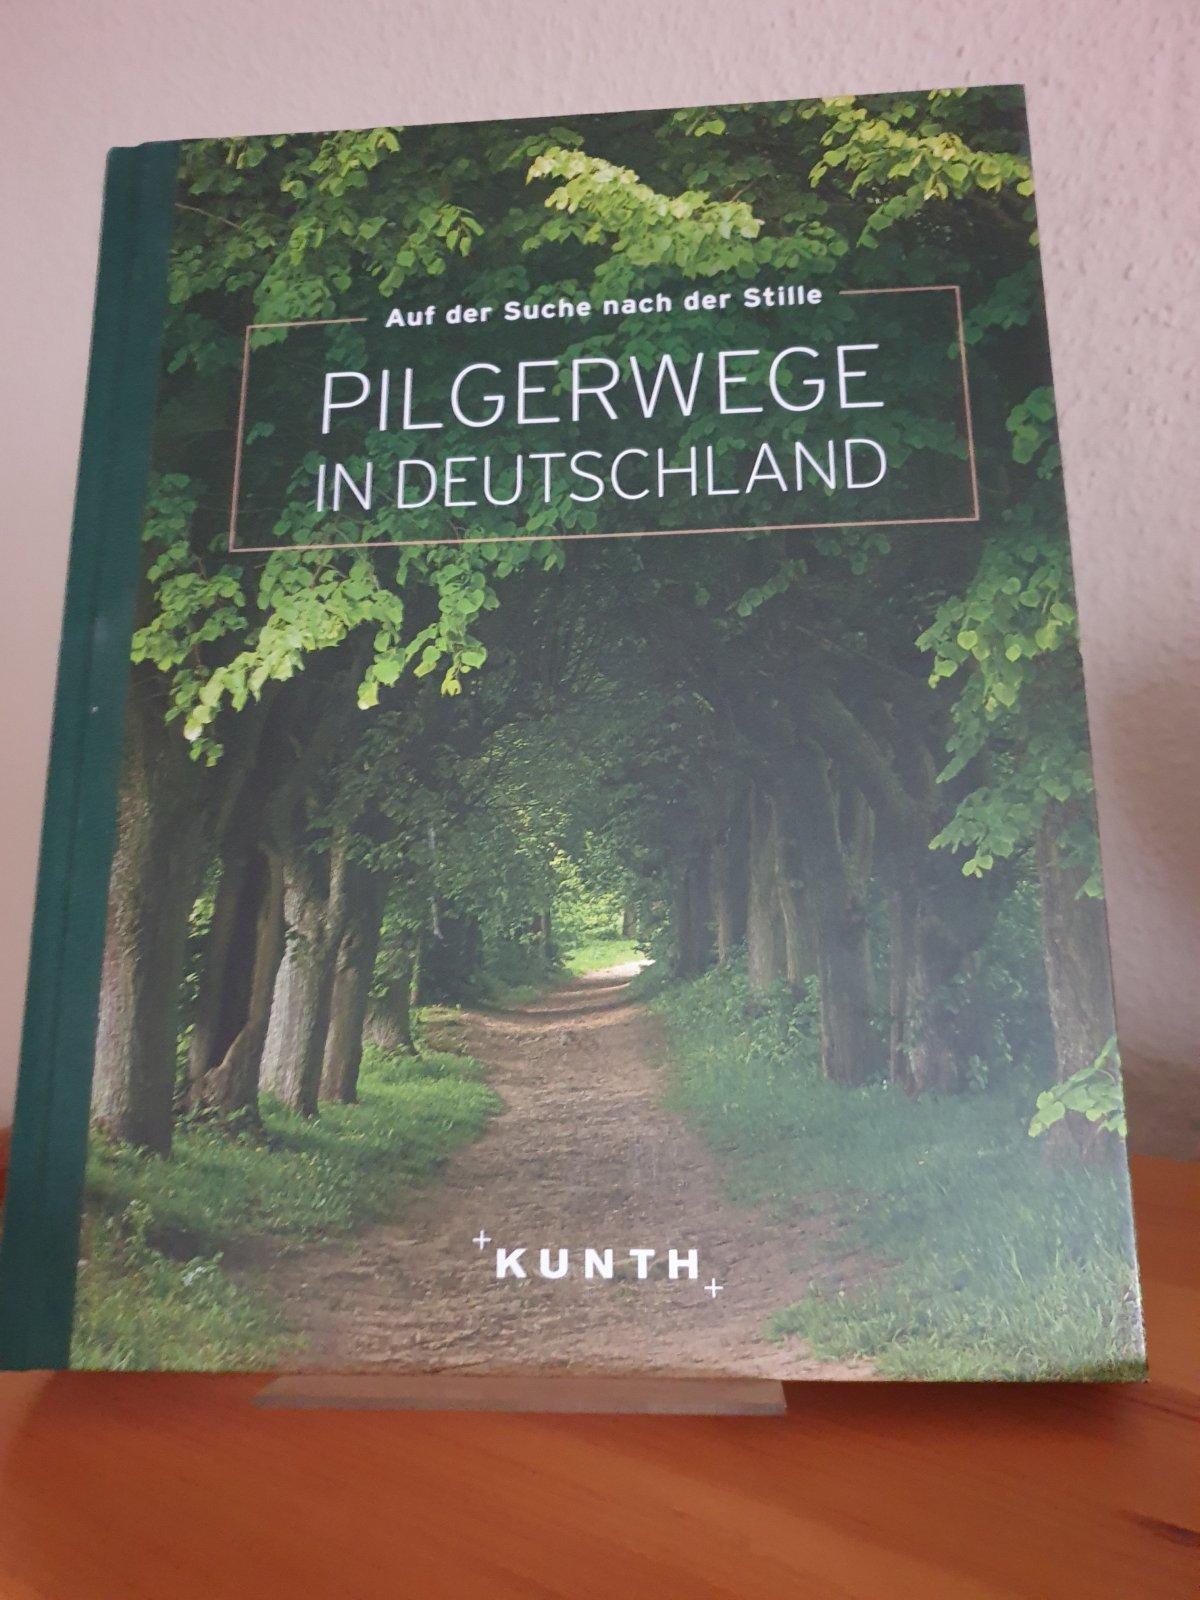 Tag 24 – Pilgerwege inDeutschland